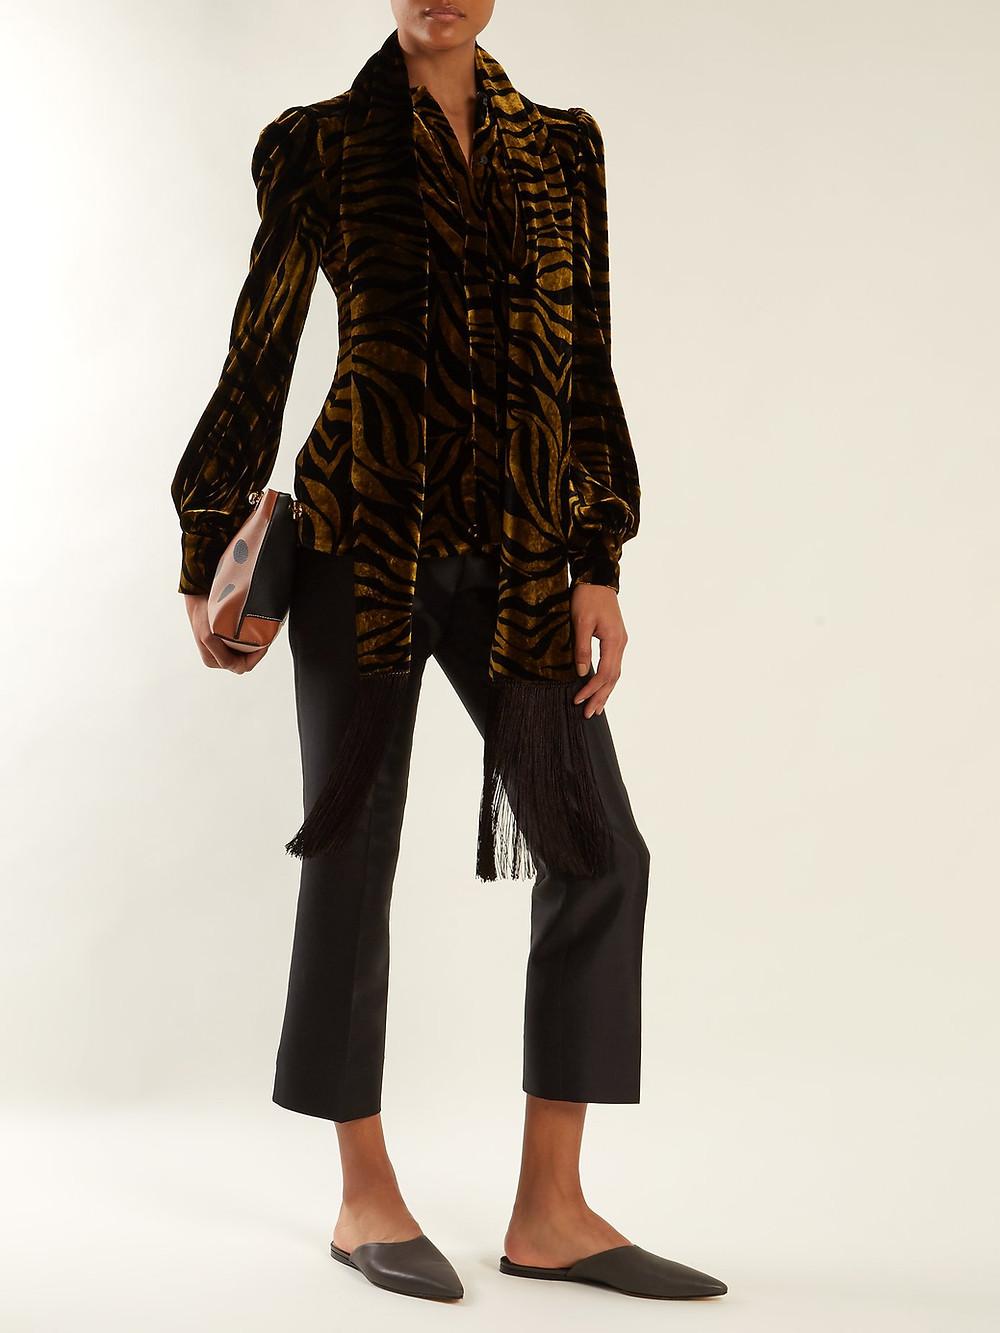 Hillier Bartley Zebra-print fringe-trimmed velvet blouse $292